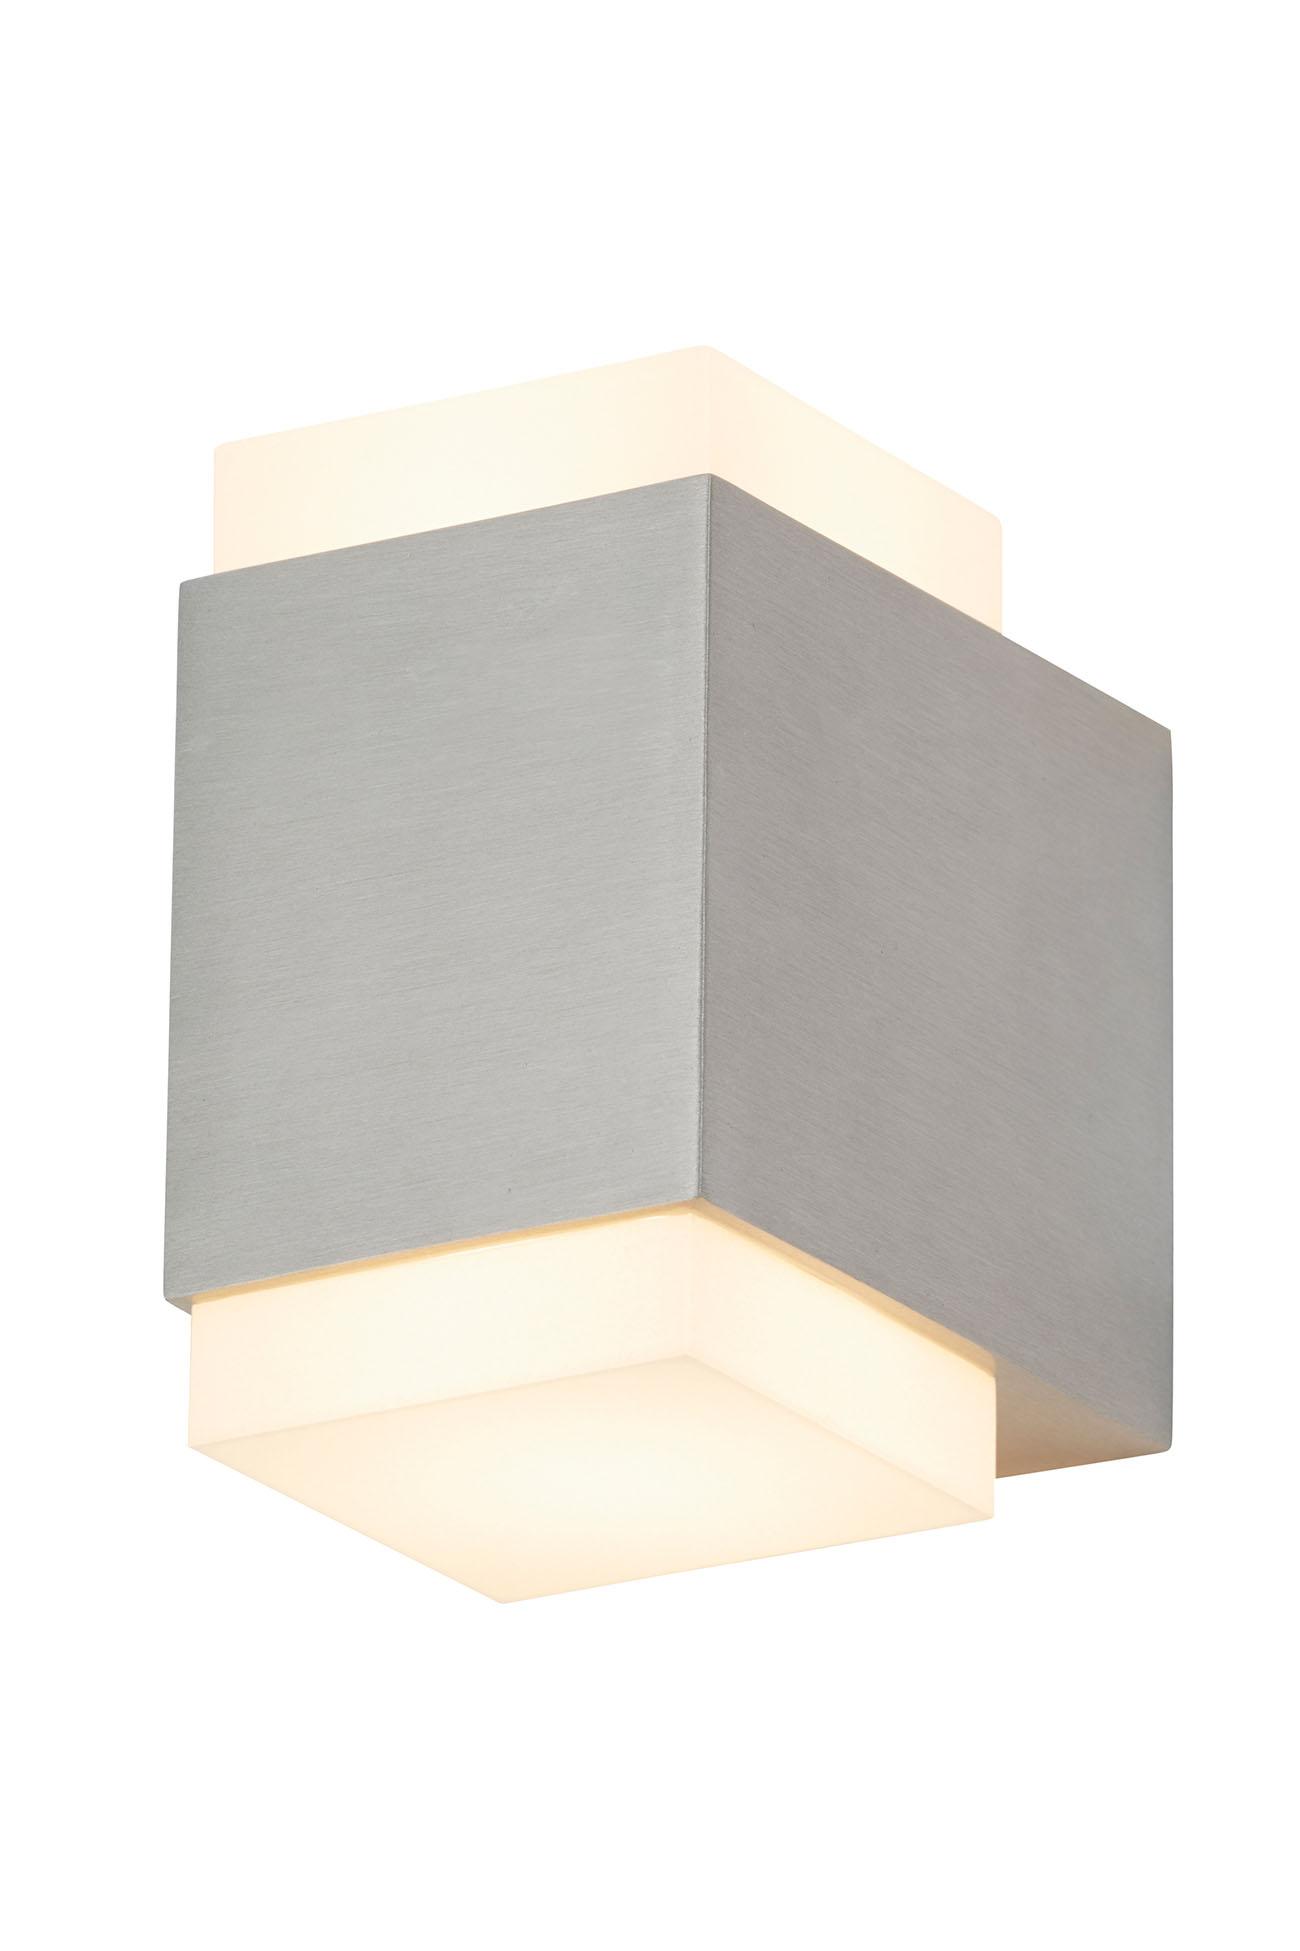 LED Aussenleuchte, 11 cm, 9 W, Edelstahl